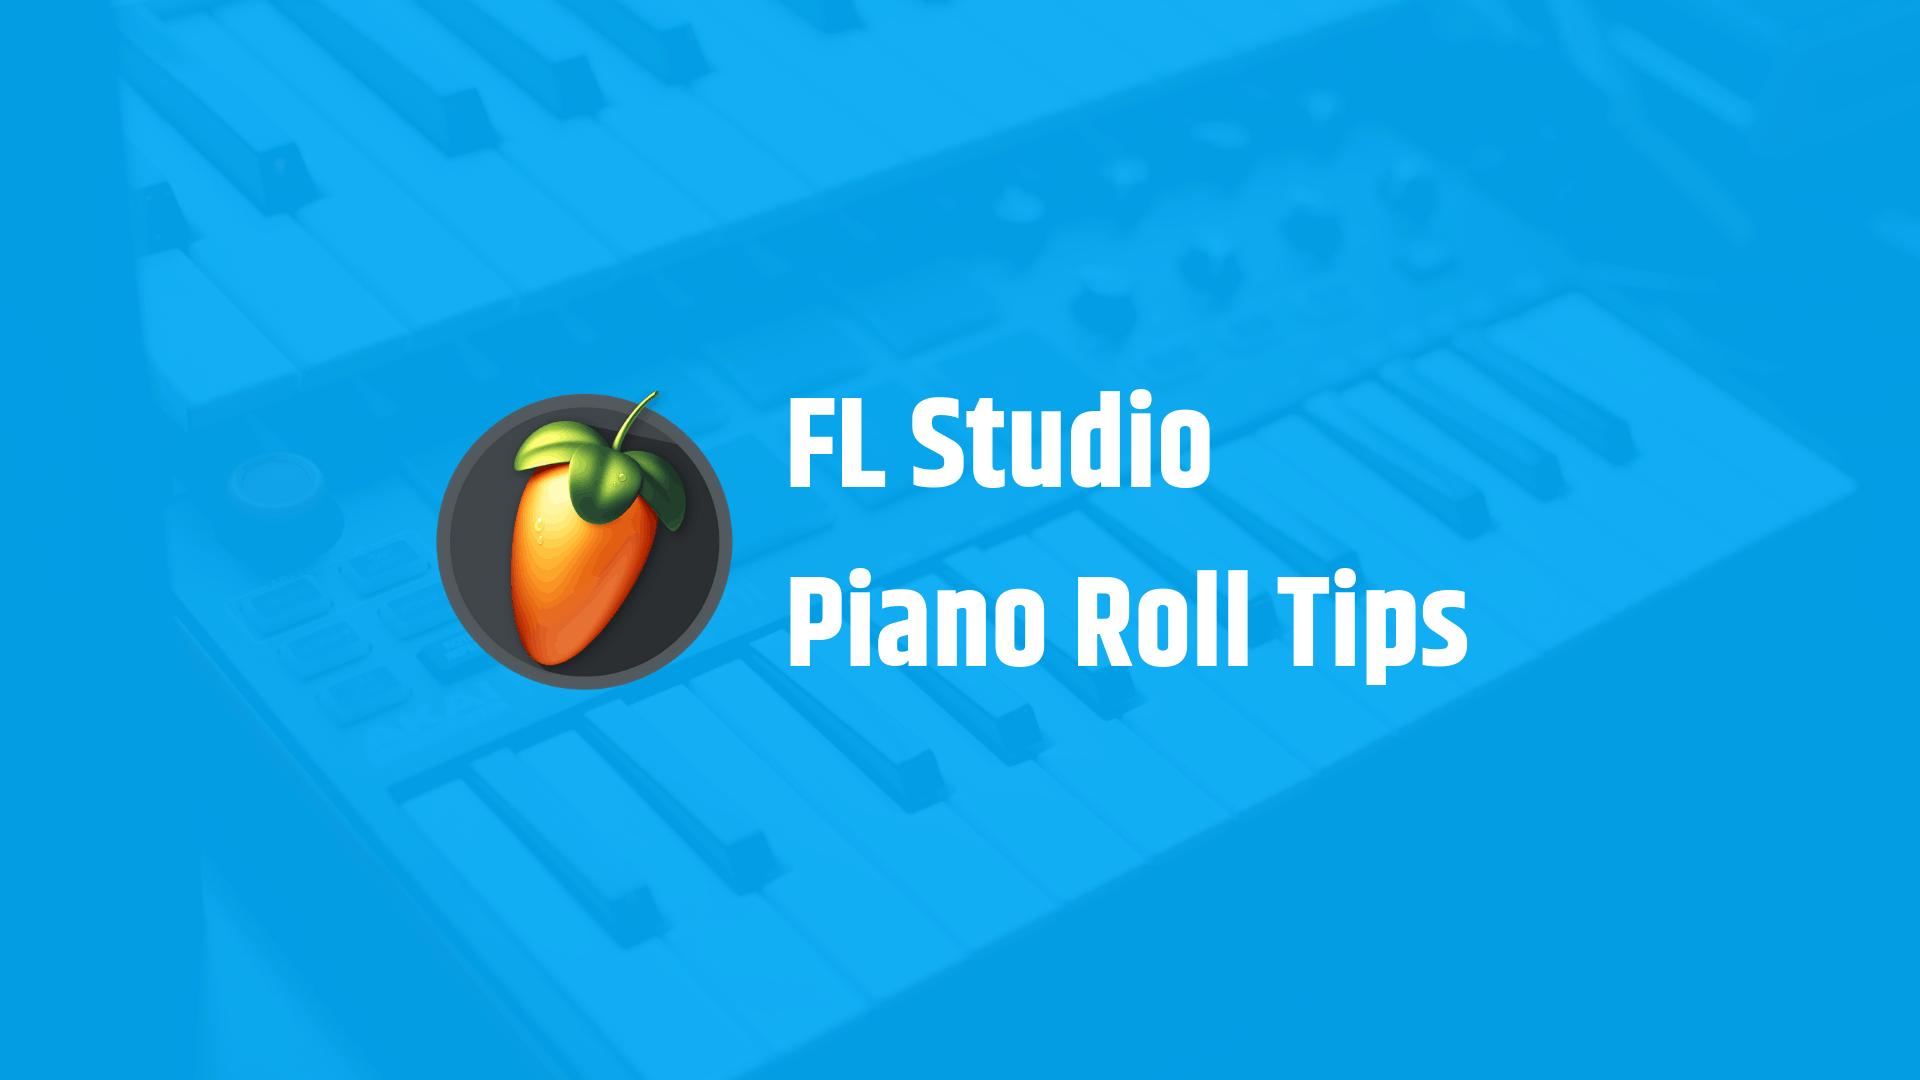 25 FL Studio Piano Roll Tips